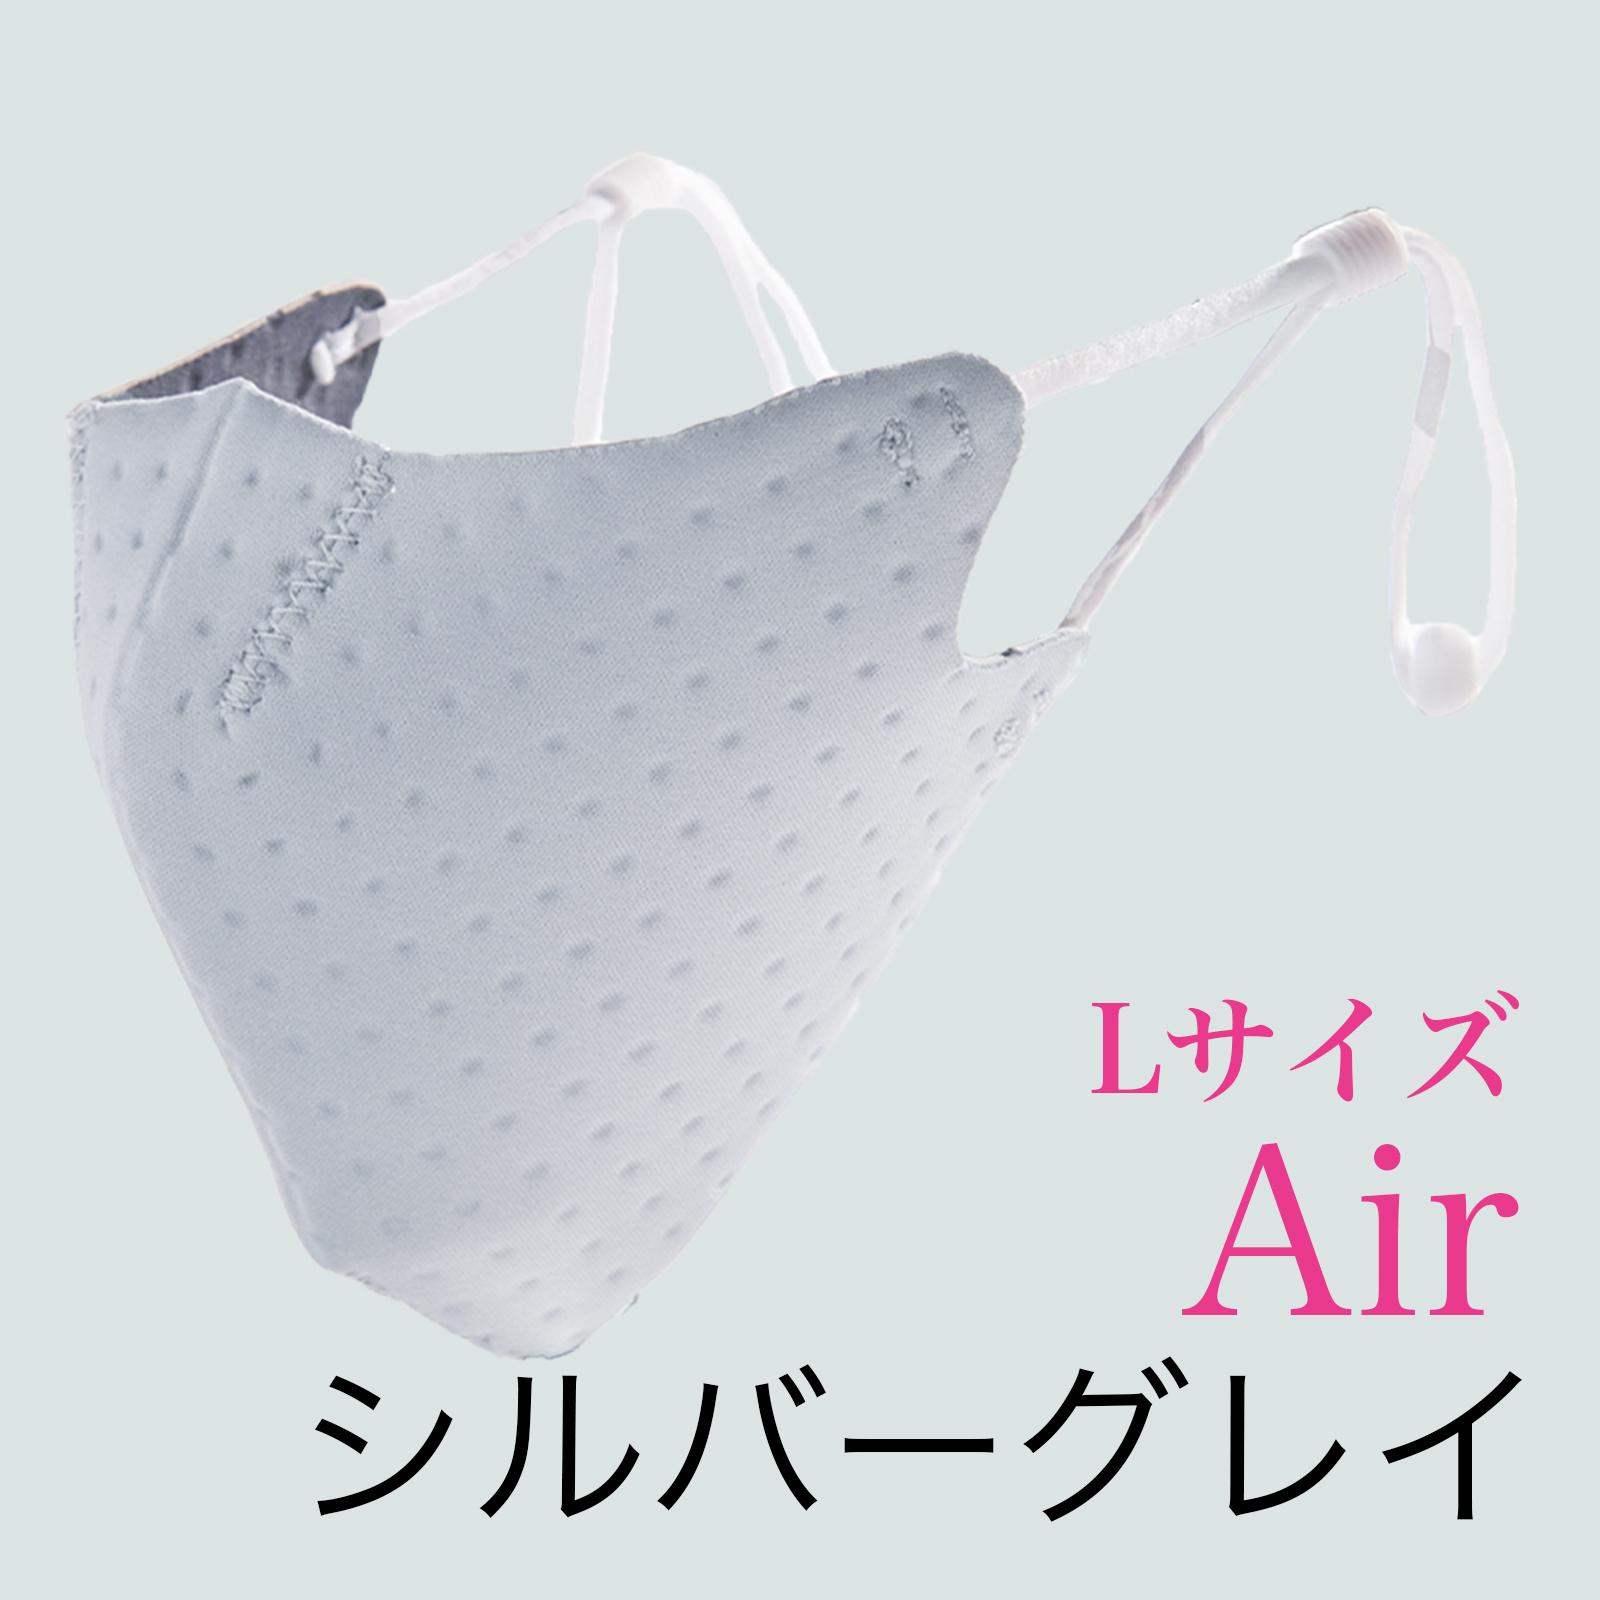 【3個セット】呼吸 Co-que Air お得な3個セット【選べるカラー】【送料無料】